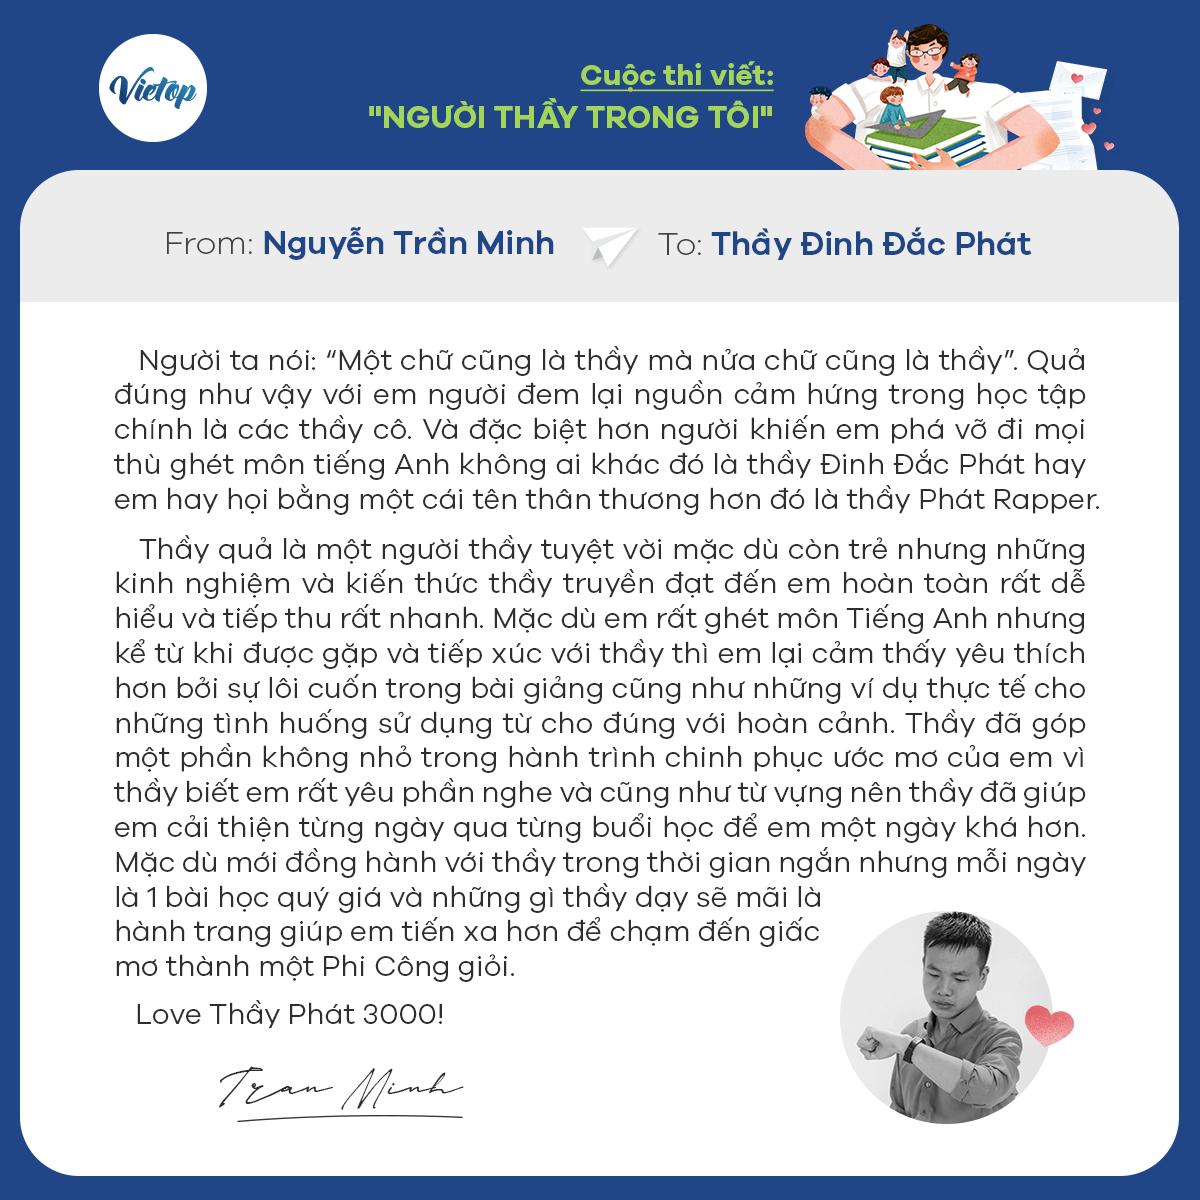 Review khóa học IELTS từ học viên Vietop